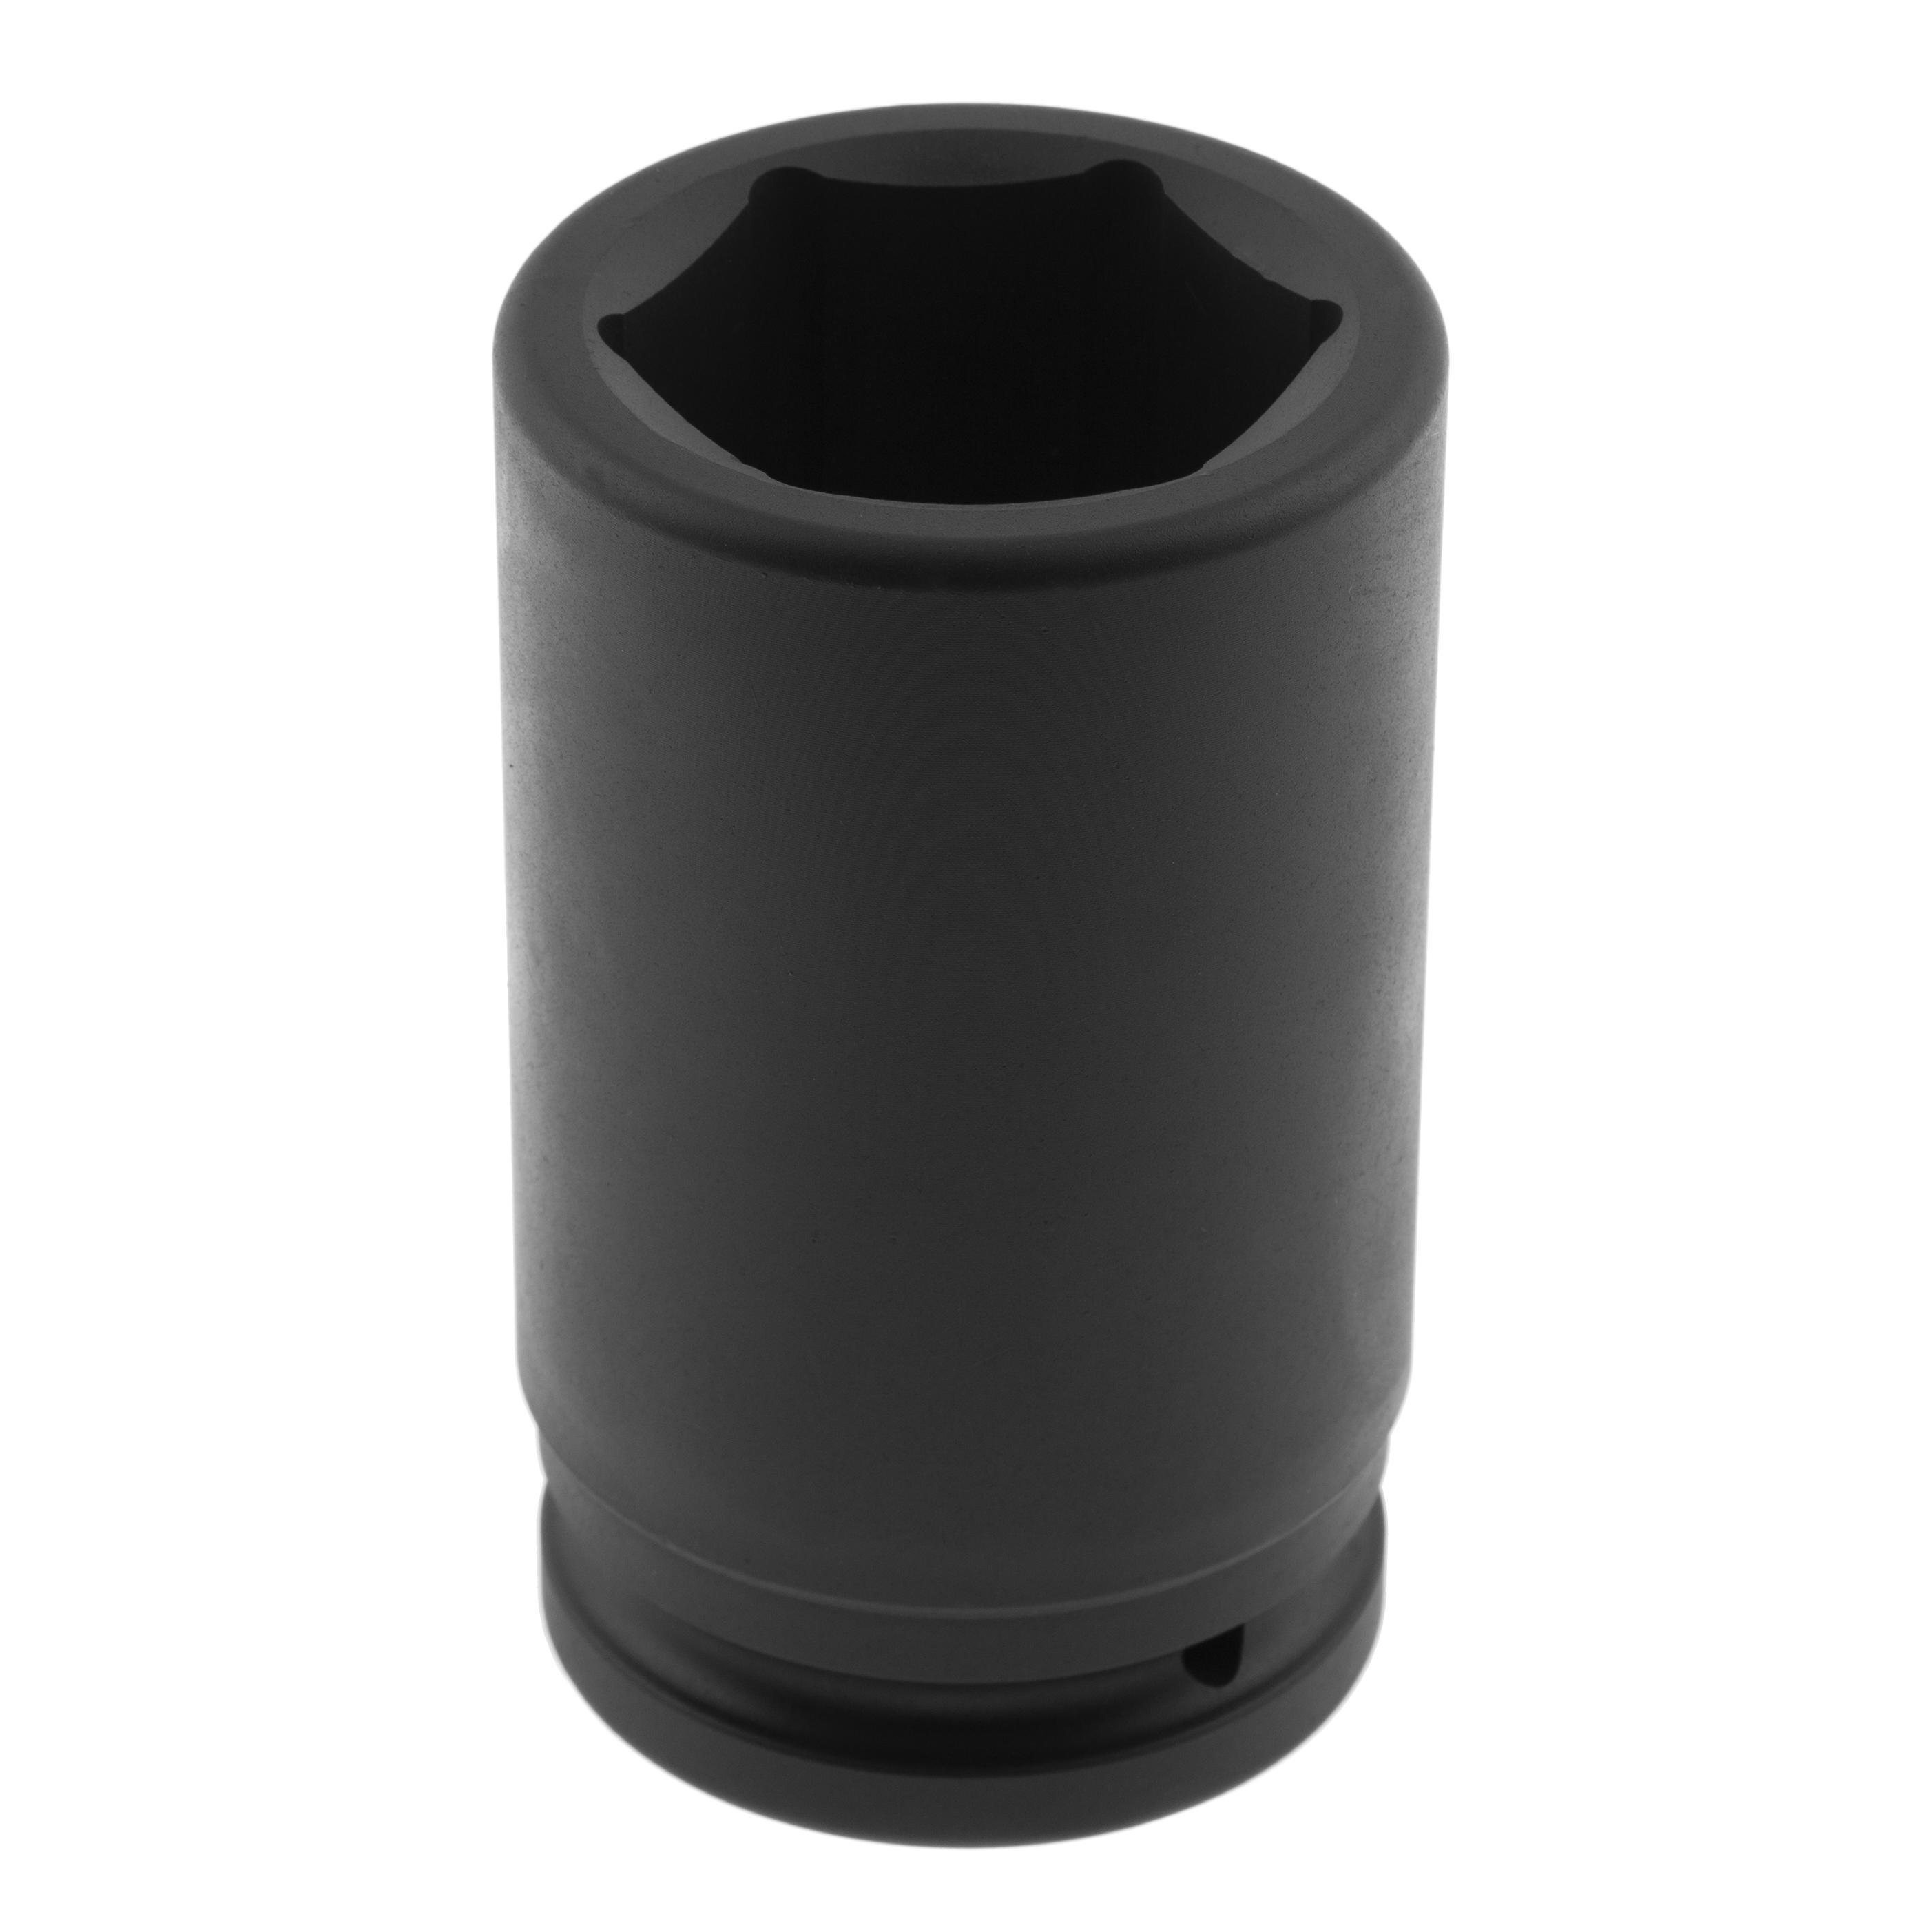 Головка ударная удлиненная Norgau размер 60мм, h 150мм, s 1 1/2'' (064085060)